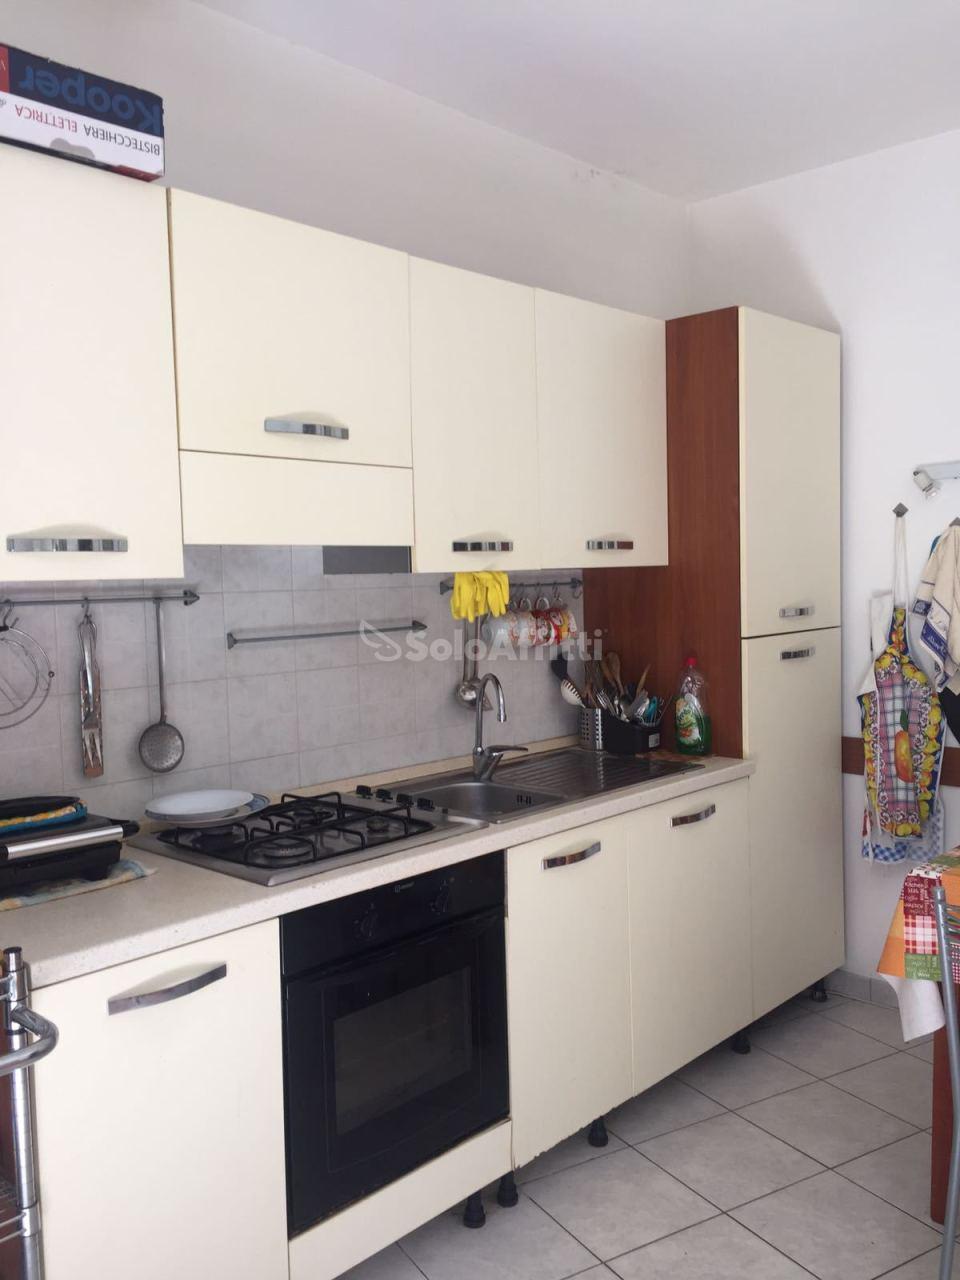 Appartamento, stadio pineta, Affitto/Cessione - Pescara